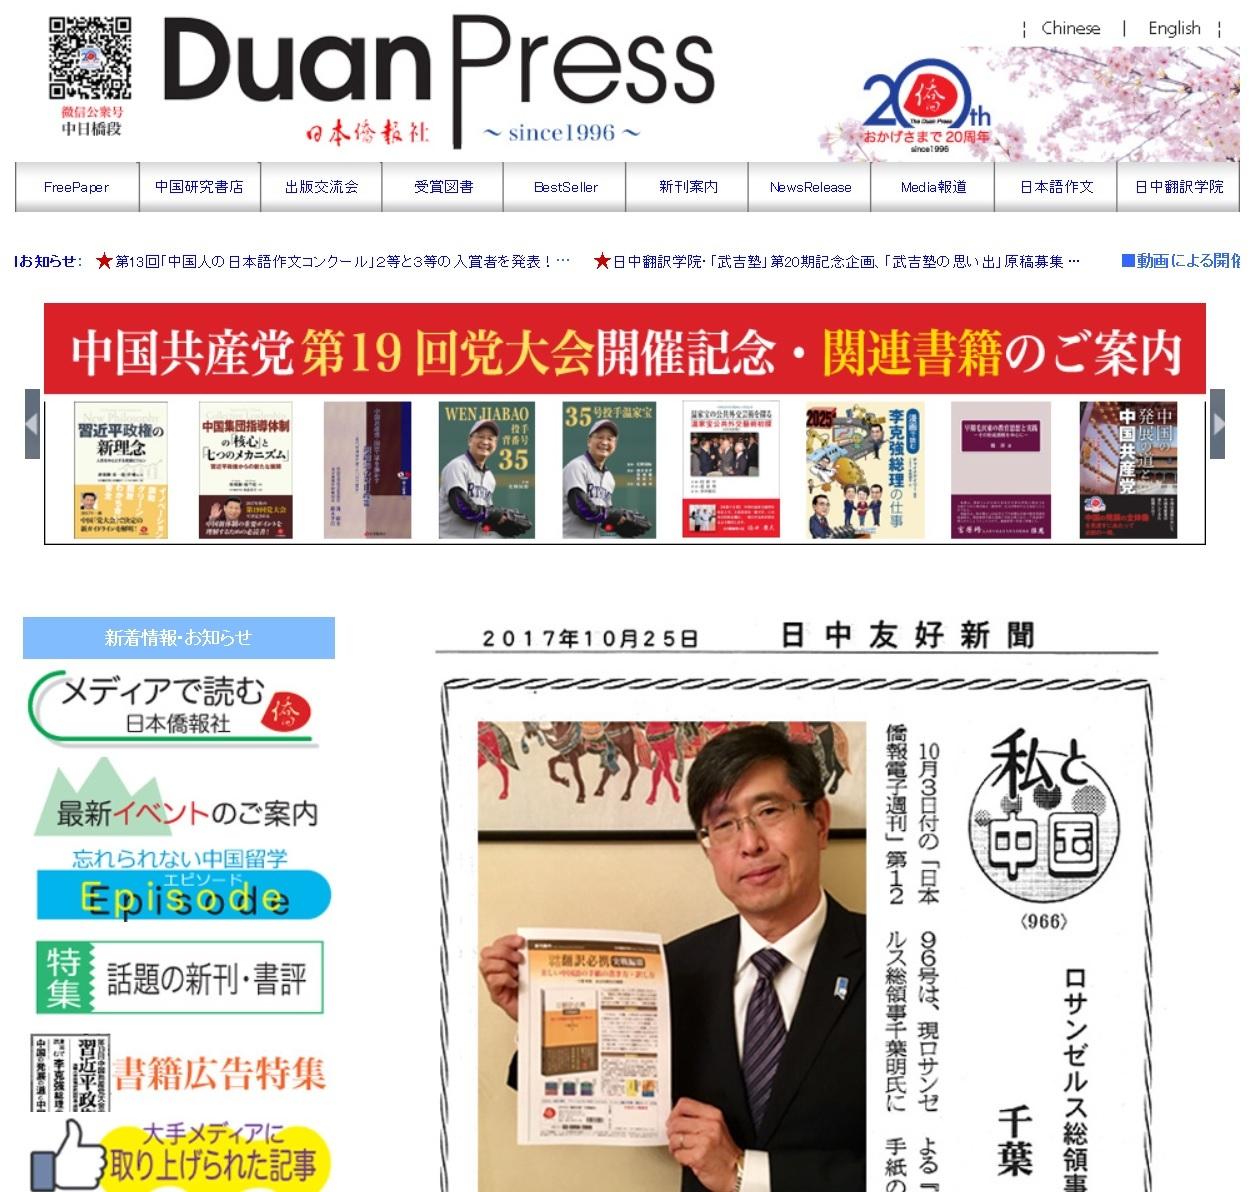 日本僑報社のホームページhttp://jp.duan.jp 大幅に更新_d0027795_18533231.jpg